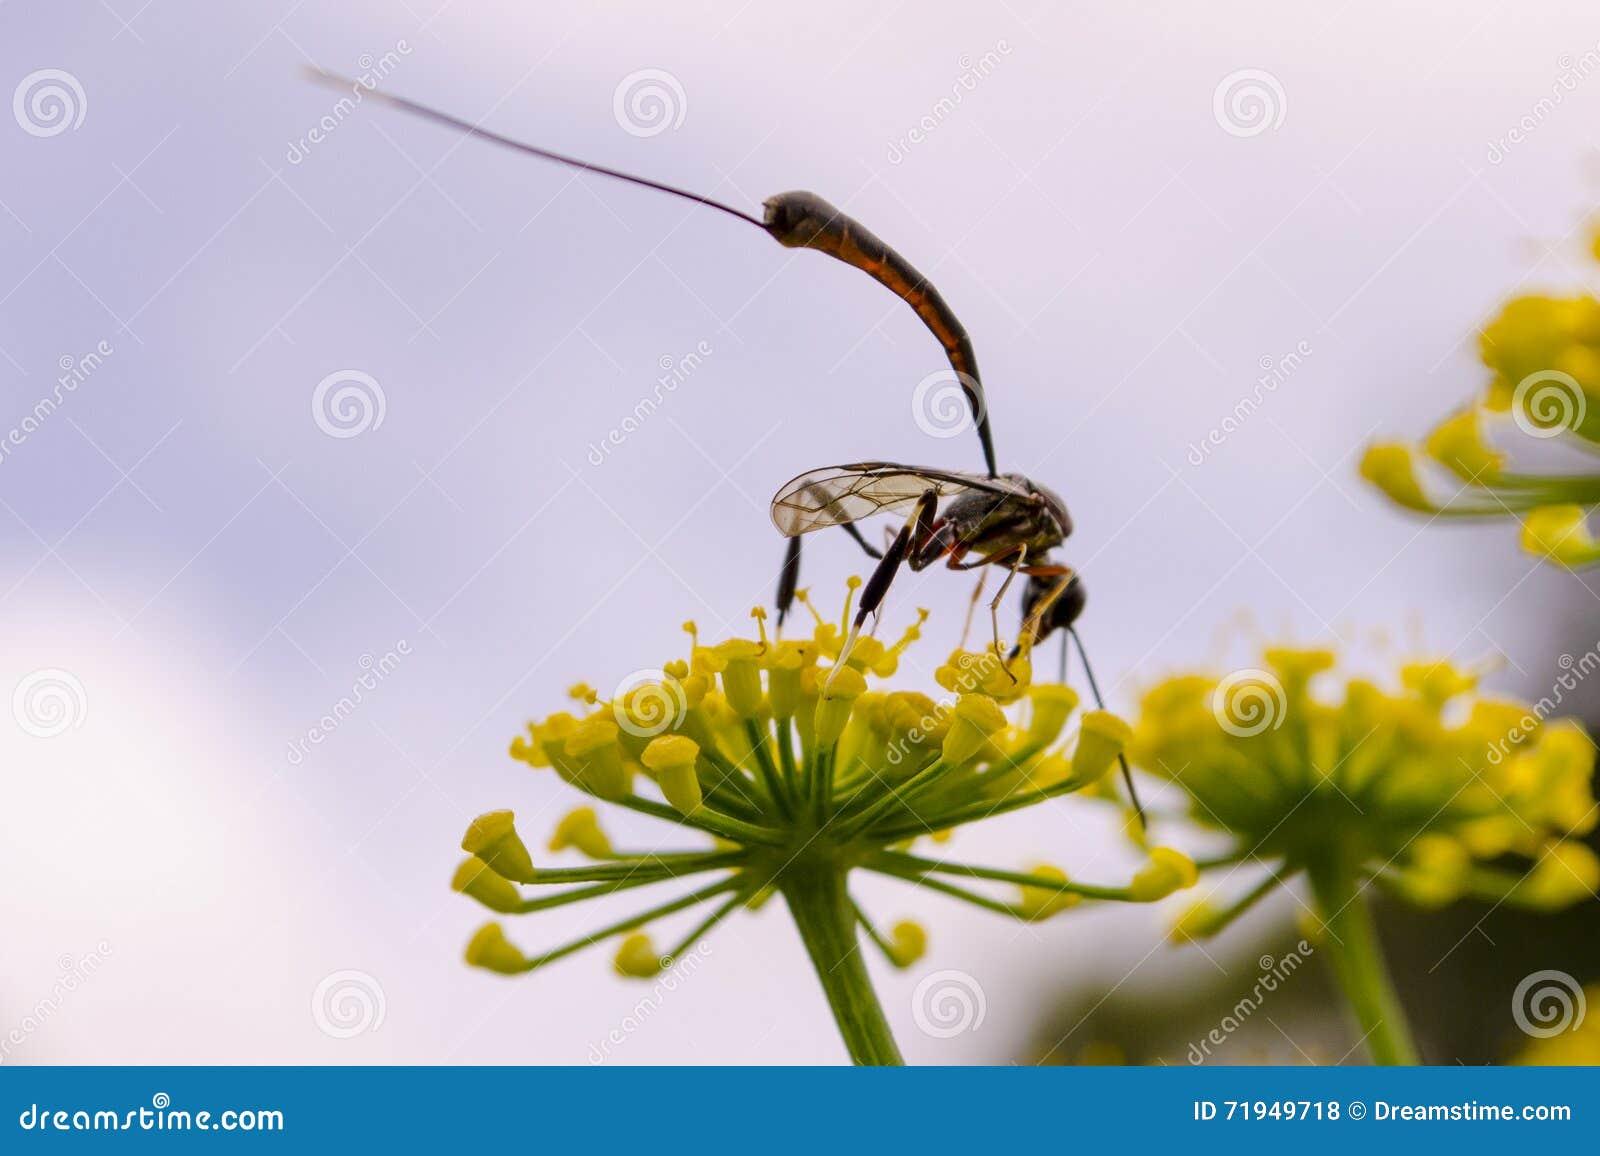 Длинн-уплотненная оса выпивает нектар от желтого цветка